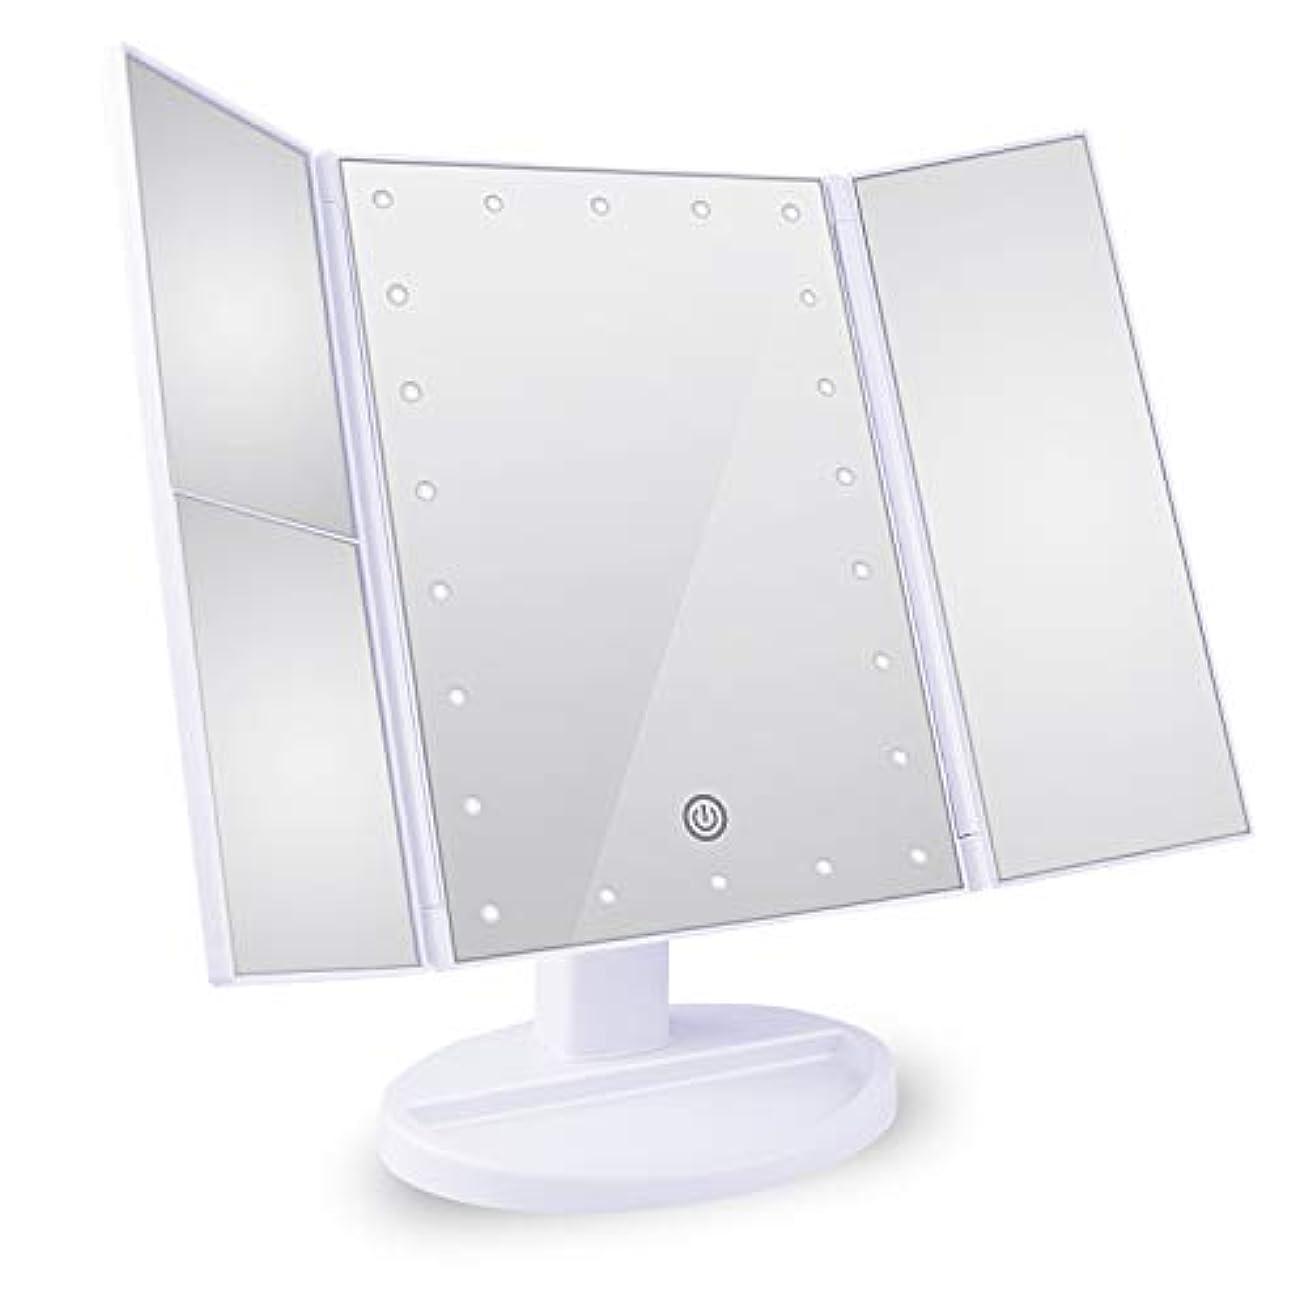 アスレチック魅力的対象Tree. NB 化粧鏡 卓上鏡 拡大鏡 鏡 メイクミラー 2倍&3倍拡大可能 LEDライトミラー 明るさ調節可能 180°回転 電池&USB 2WAY給電